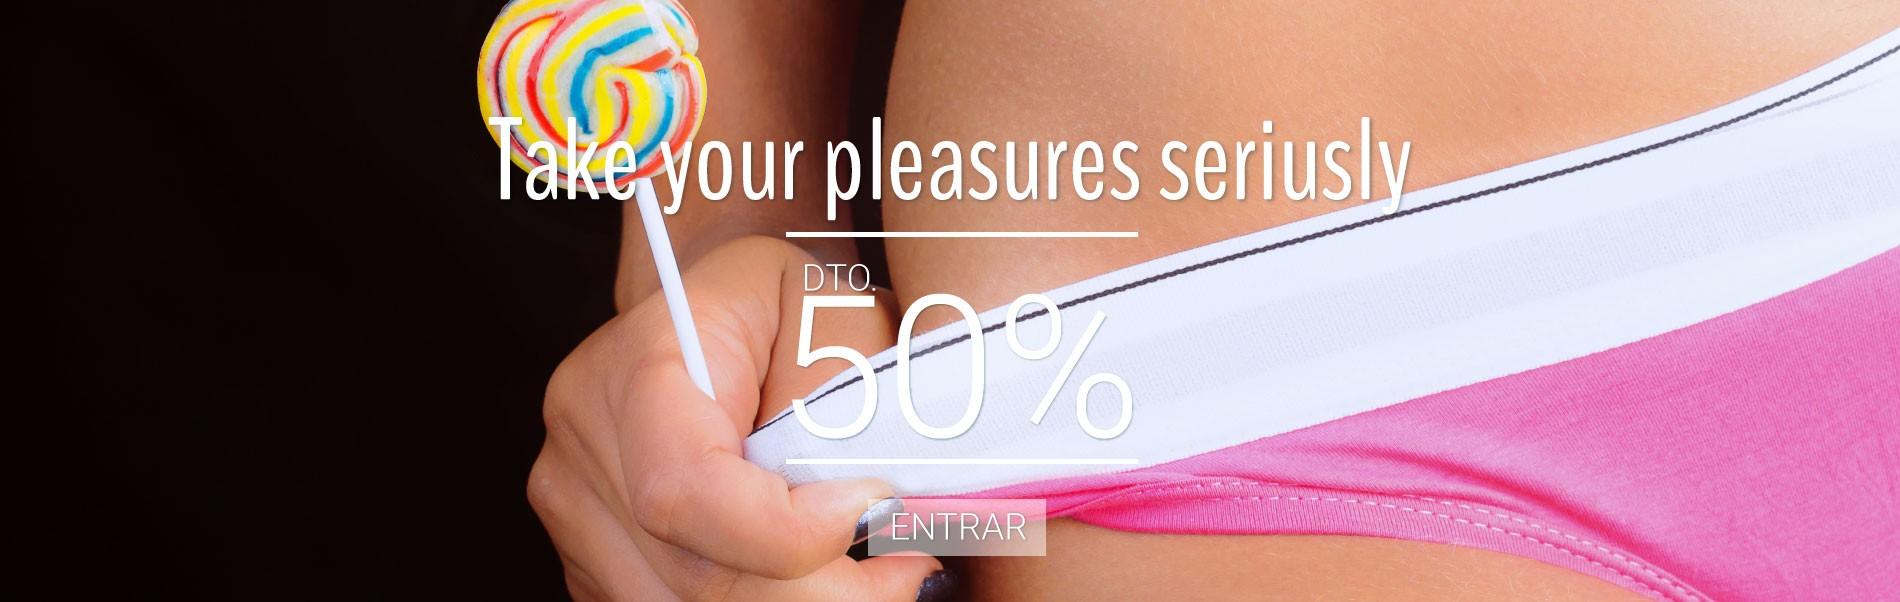 Pleasure toys al 50% de descuento